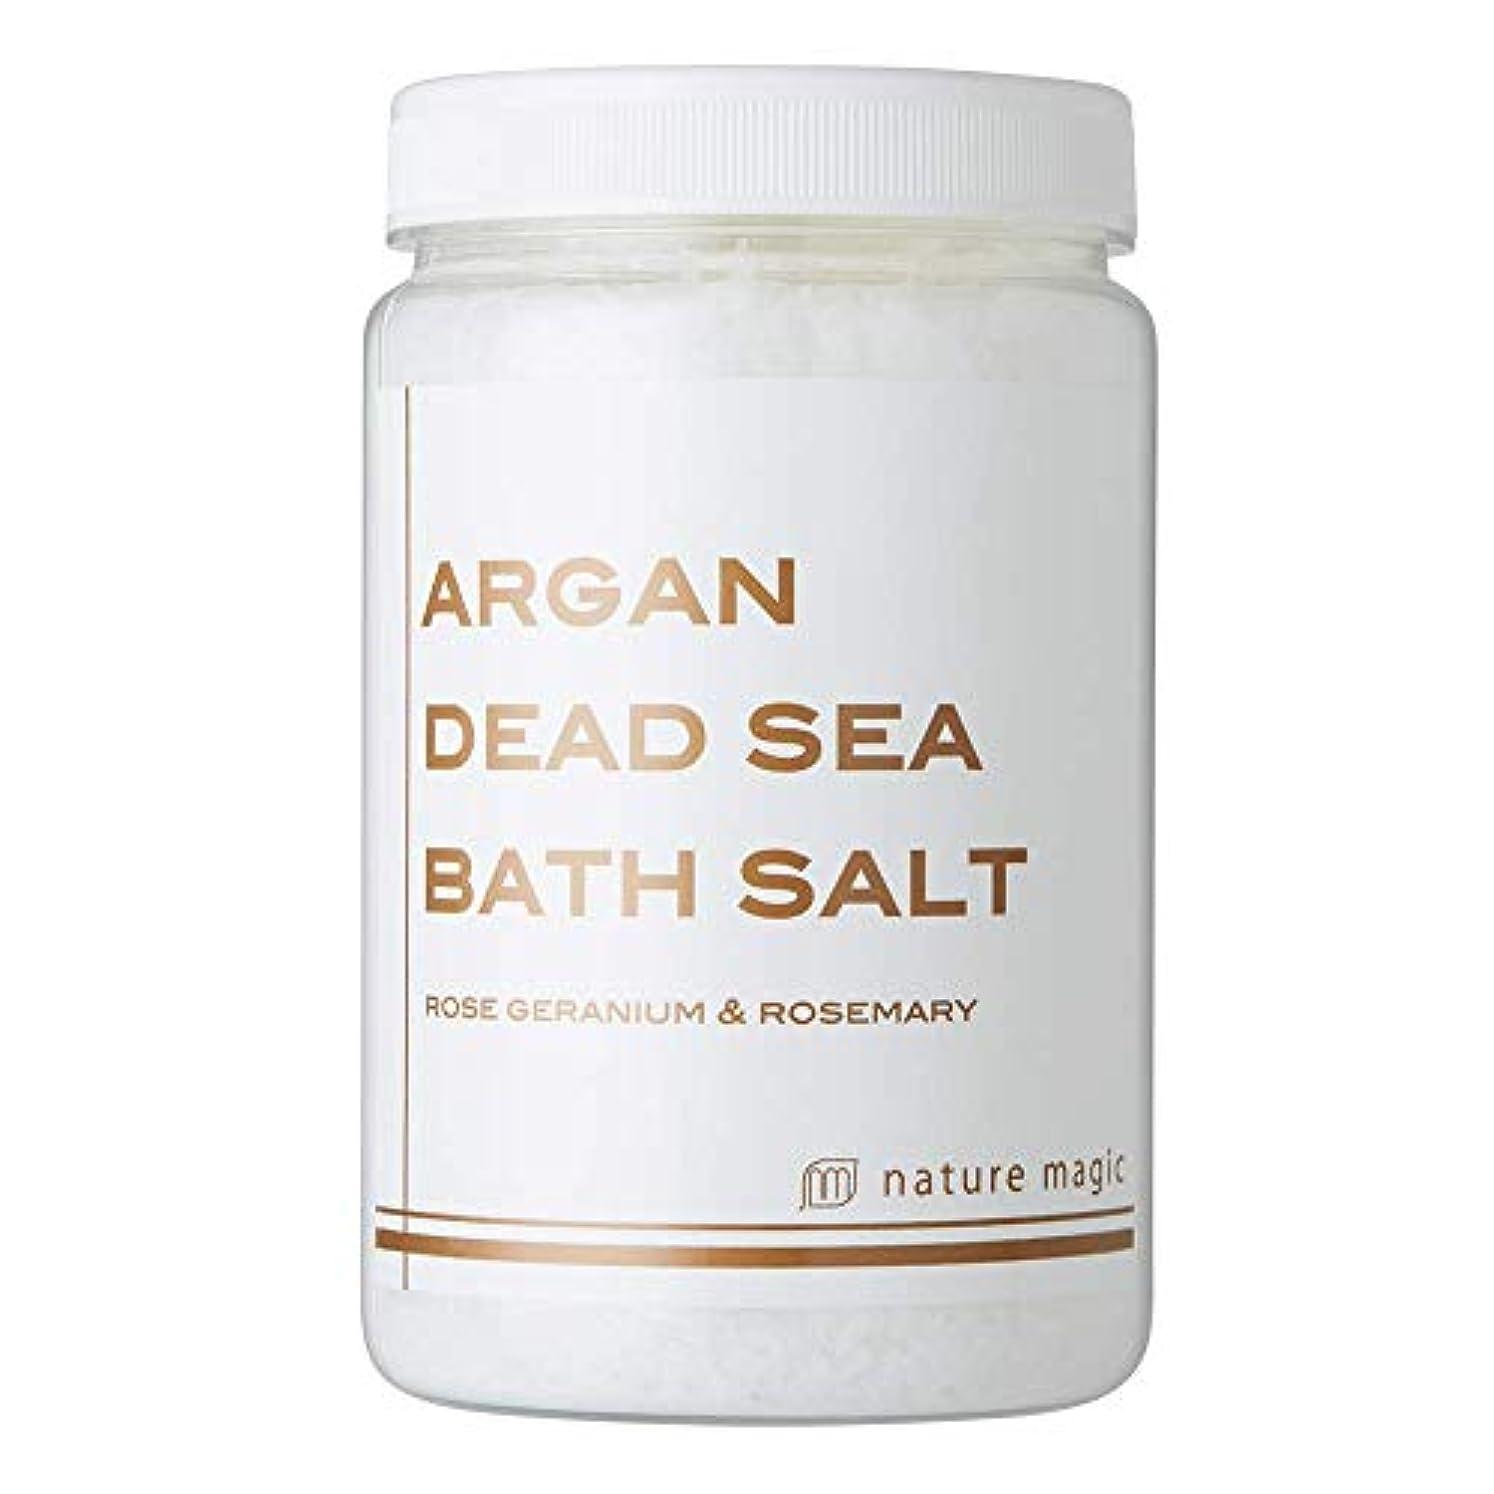 プーノ屈辱する不機嫌【死海の天然塩にアルガンオイルを配合した全身ポカポカ、お肌つるつる入浴剤】アルガンデッドシーバスソルト